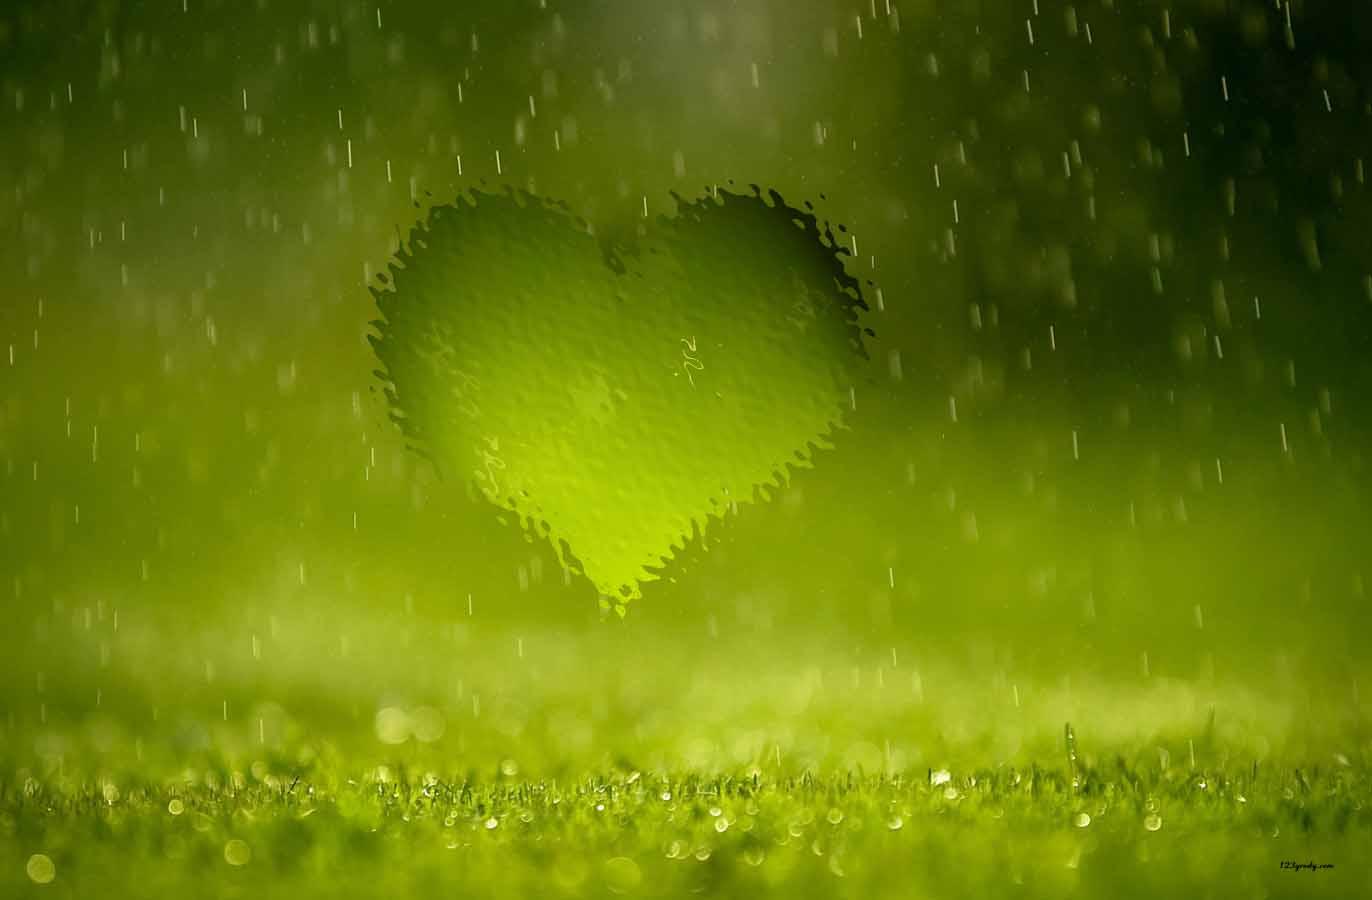 выставочный дождь сердечек картинки изготовлены вручную поршней